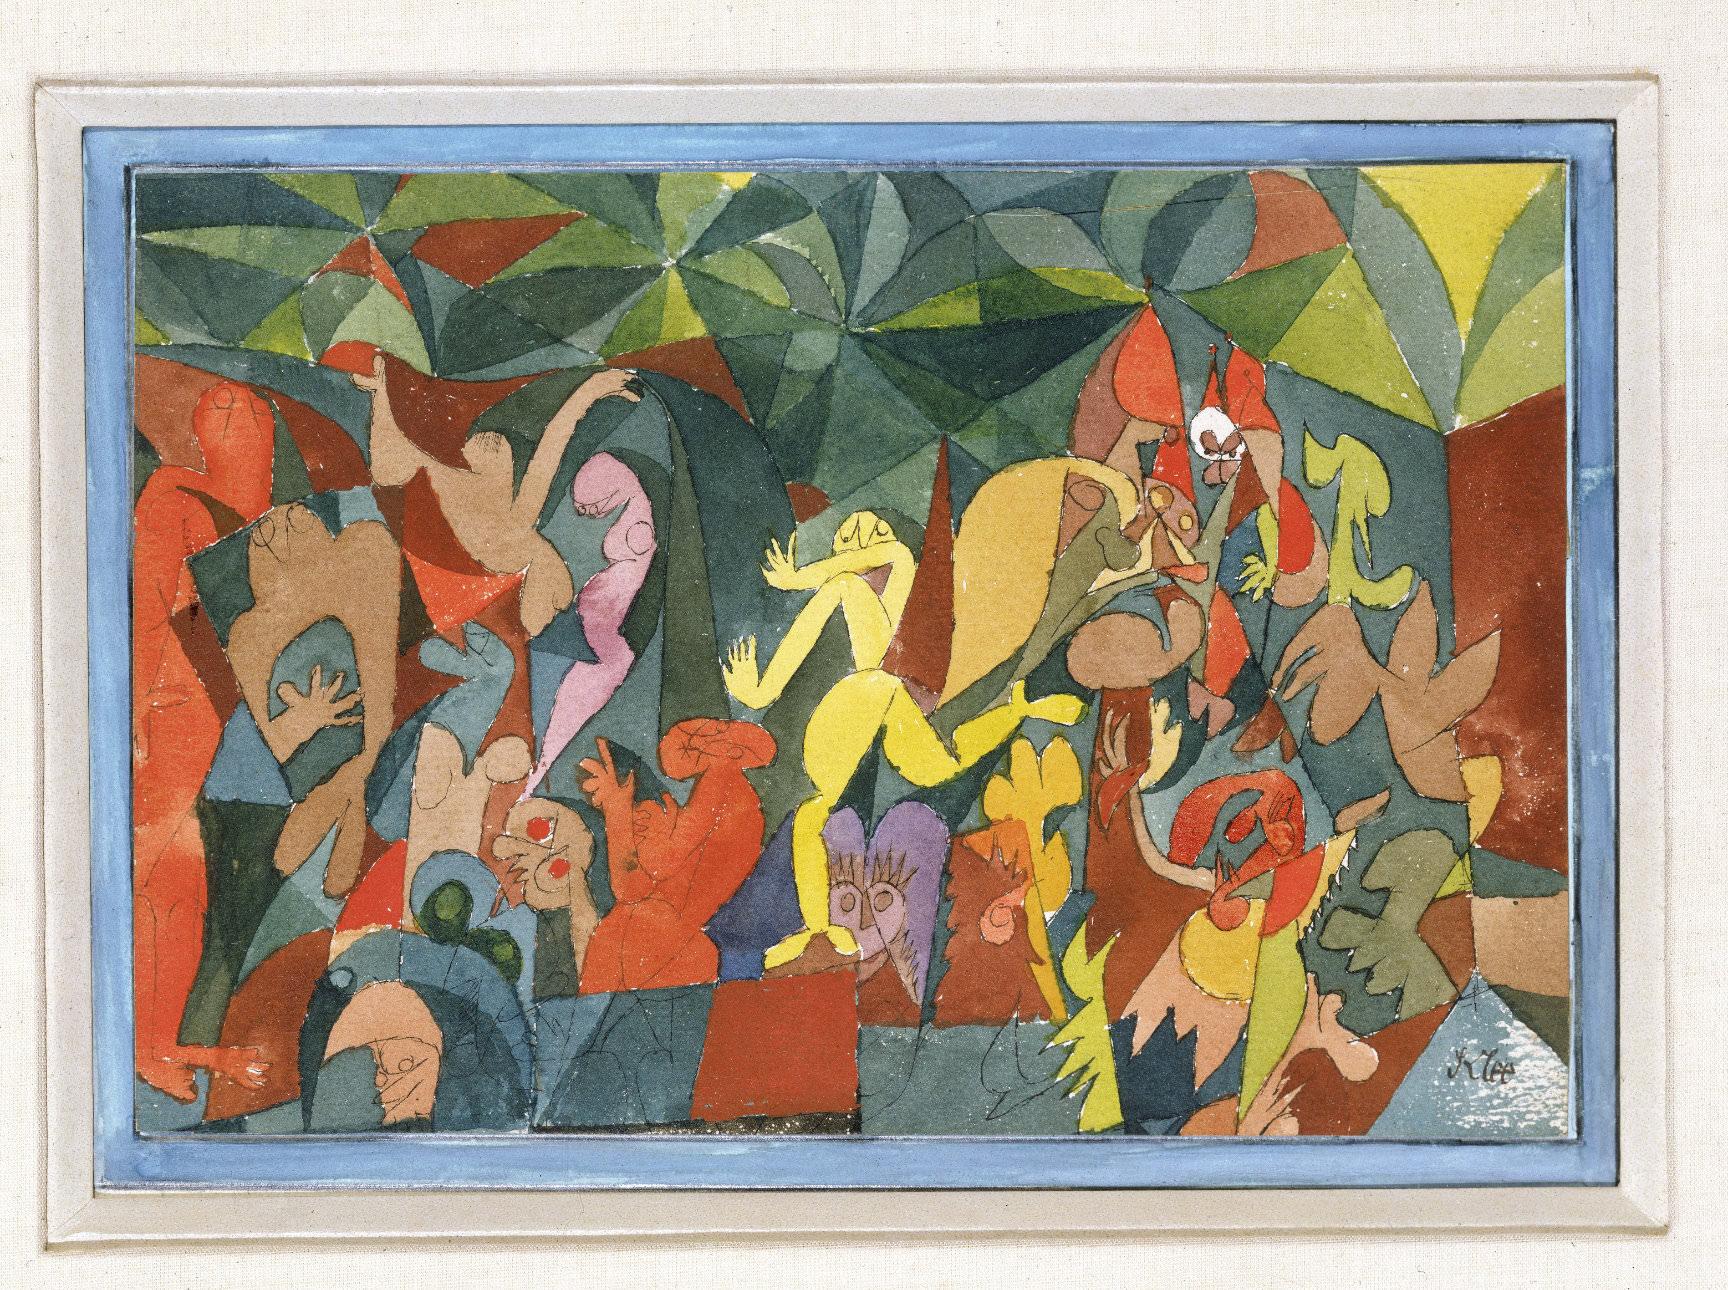 fig. 7 Paul Klee, bunte Menschen , state of 1989, Photo: unknown, ©Zentrum Paul Klee, Bern, Bildarchiv